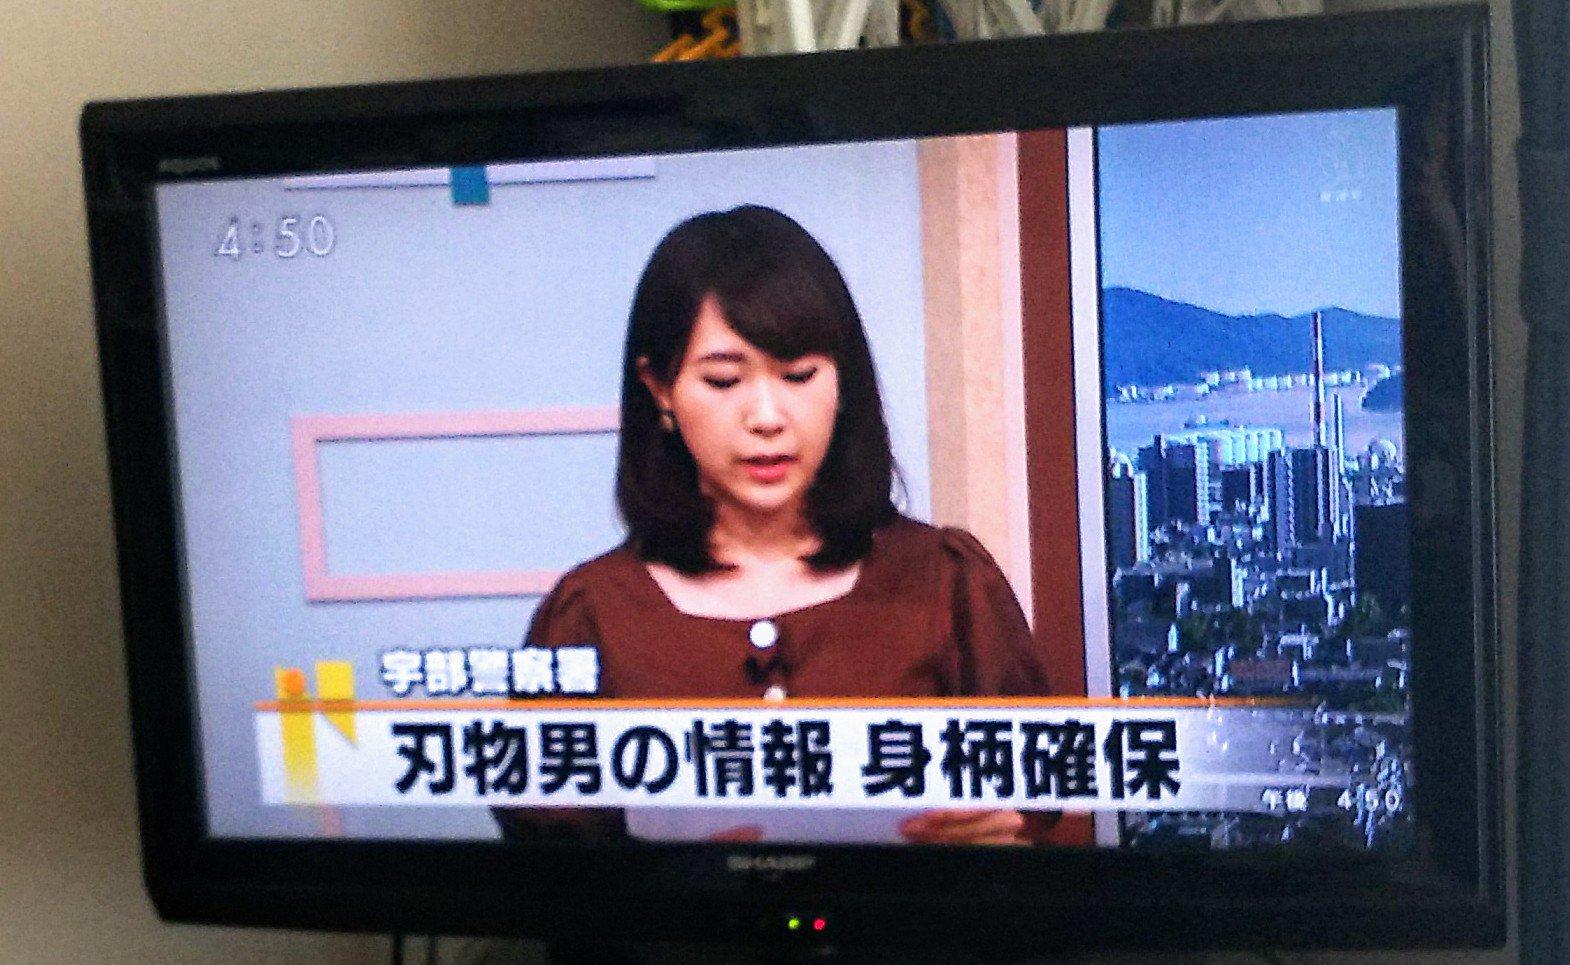 画像,宇部駅周辺で刃物男だと!?( °_° ) https://t.co/KswQNh98gw。